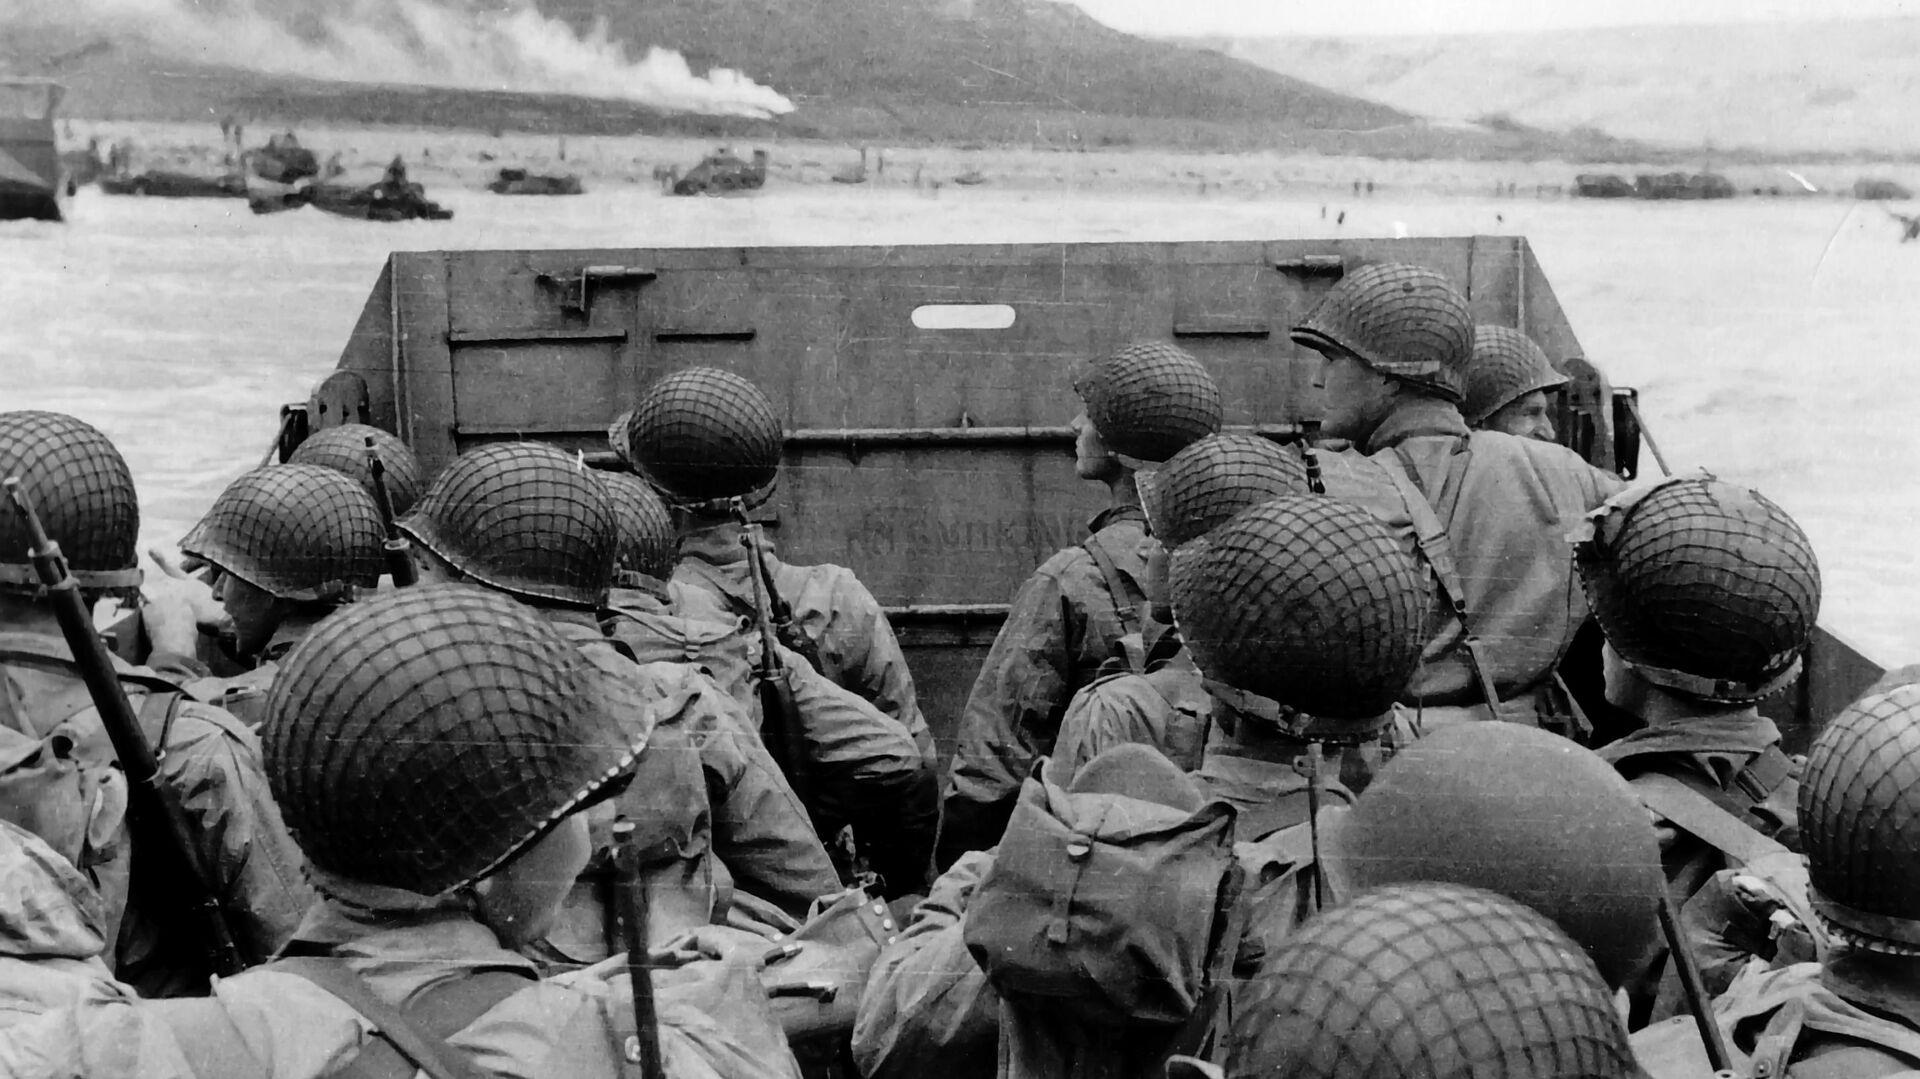 Высадка американских военных на десантном корабле на нормандский пляж Омаха во Франции. 6 июня 1944 - РИА Новости, 1920, 09.05.2021